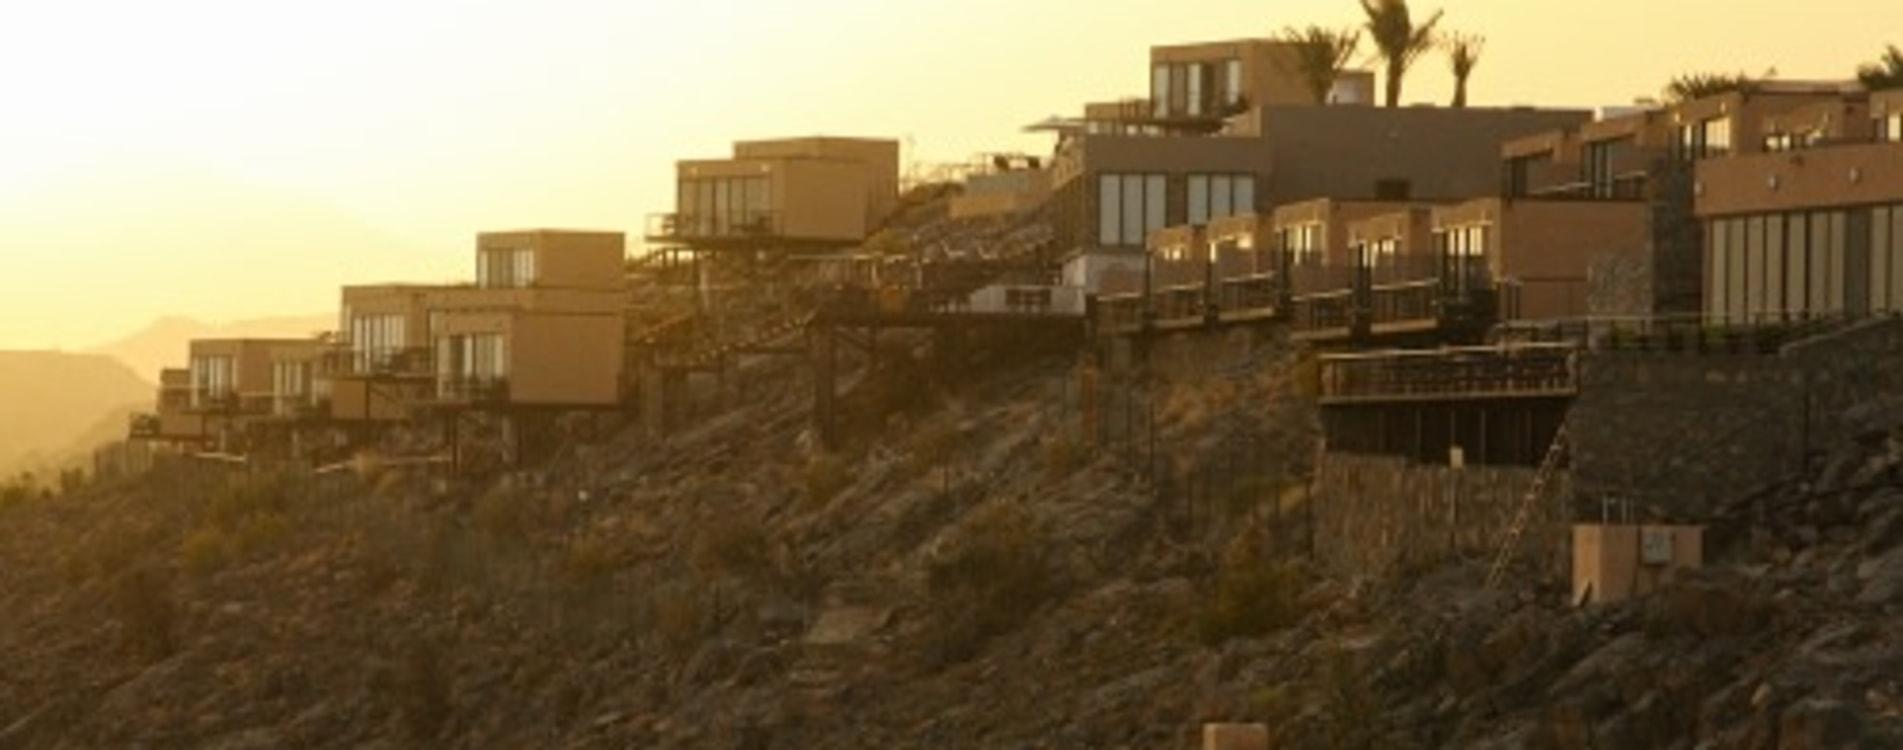 The-View-Oman-Exterior-Sonnenaufgang-Dämmerung.jpg